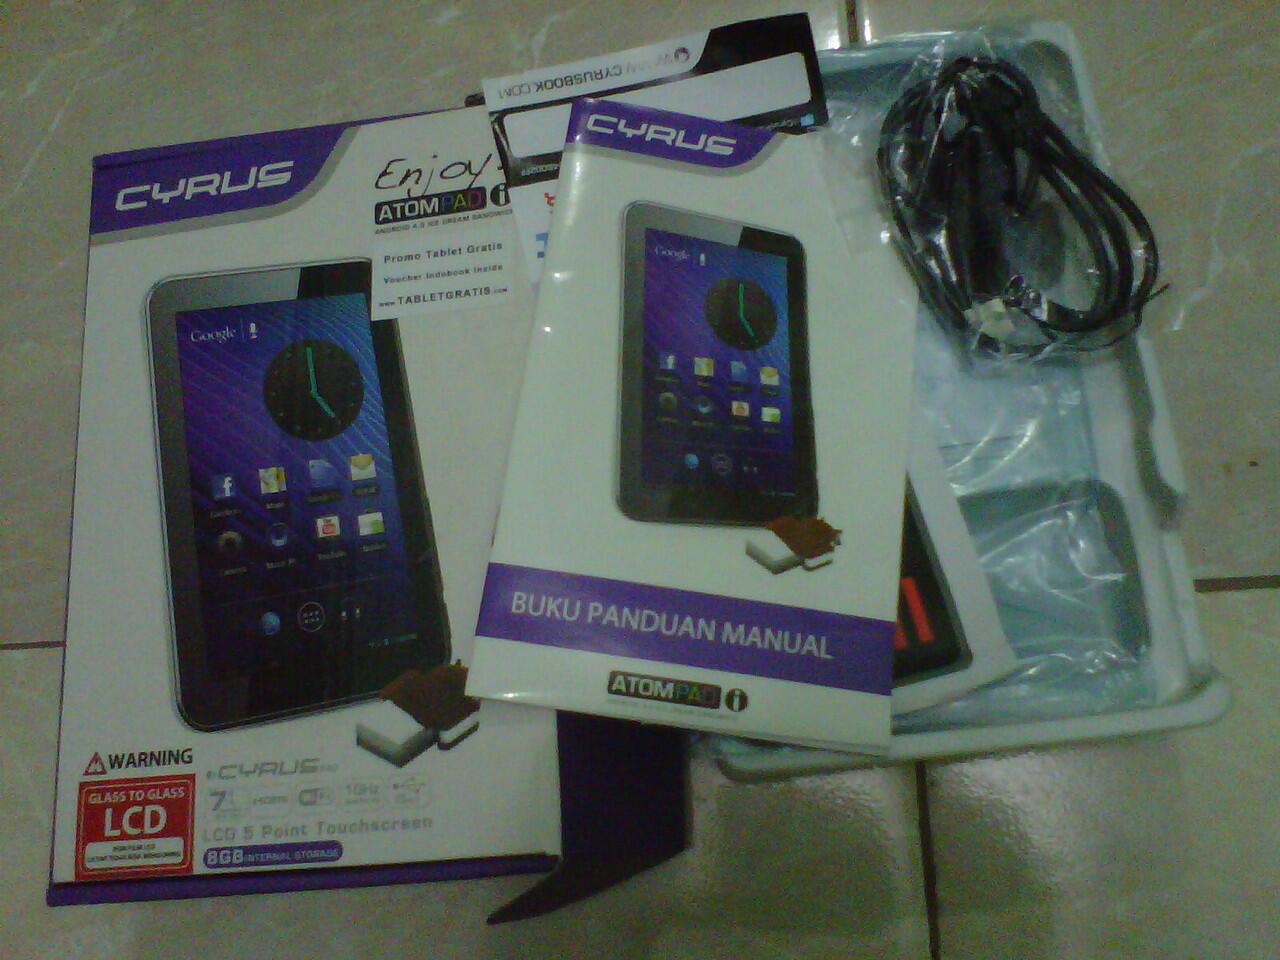 JUAL CYRUS ATOMPAD 8Gb (Kondisi LCD Rusak)